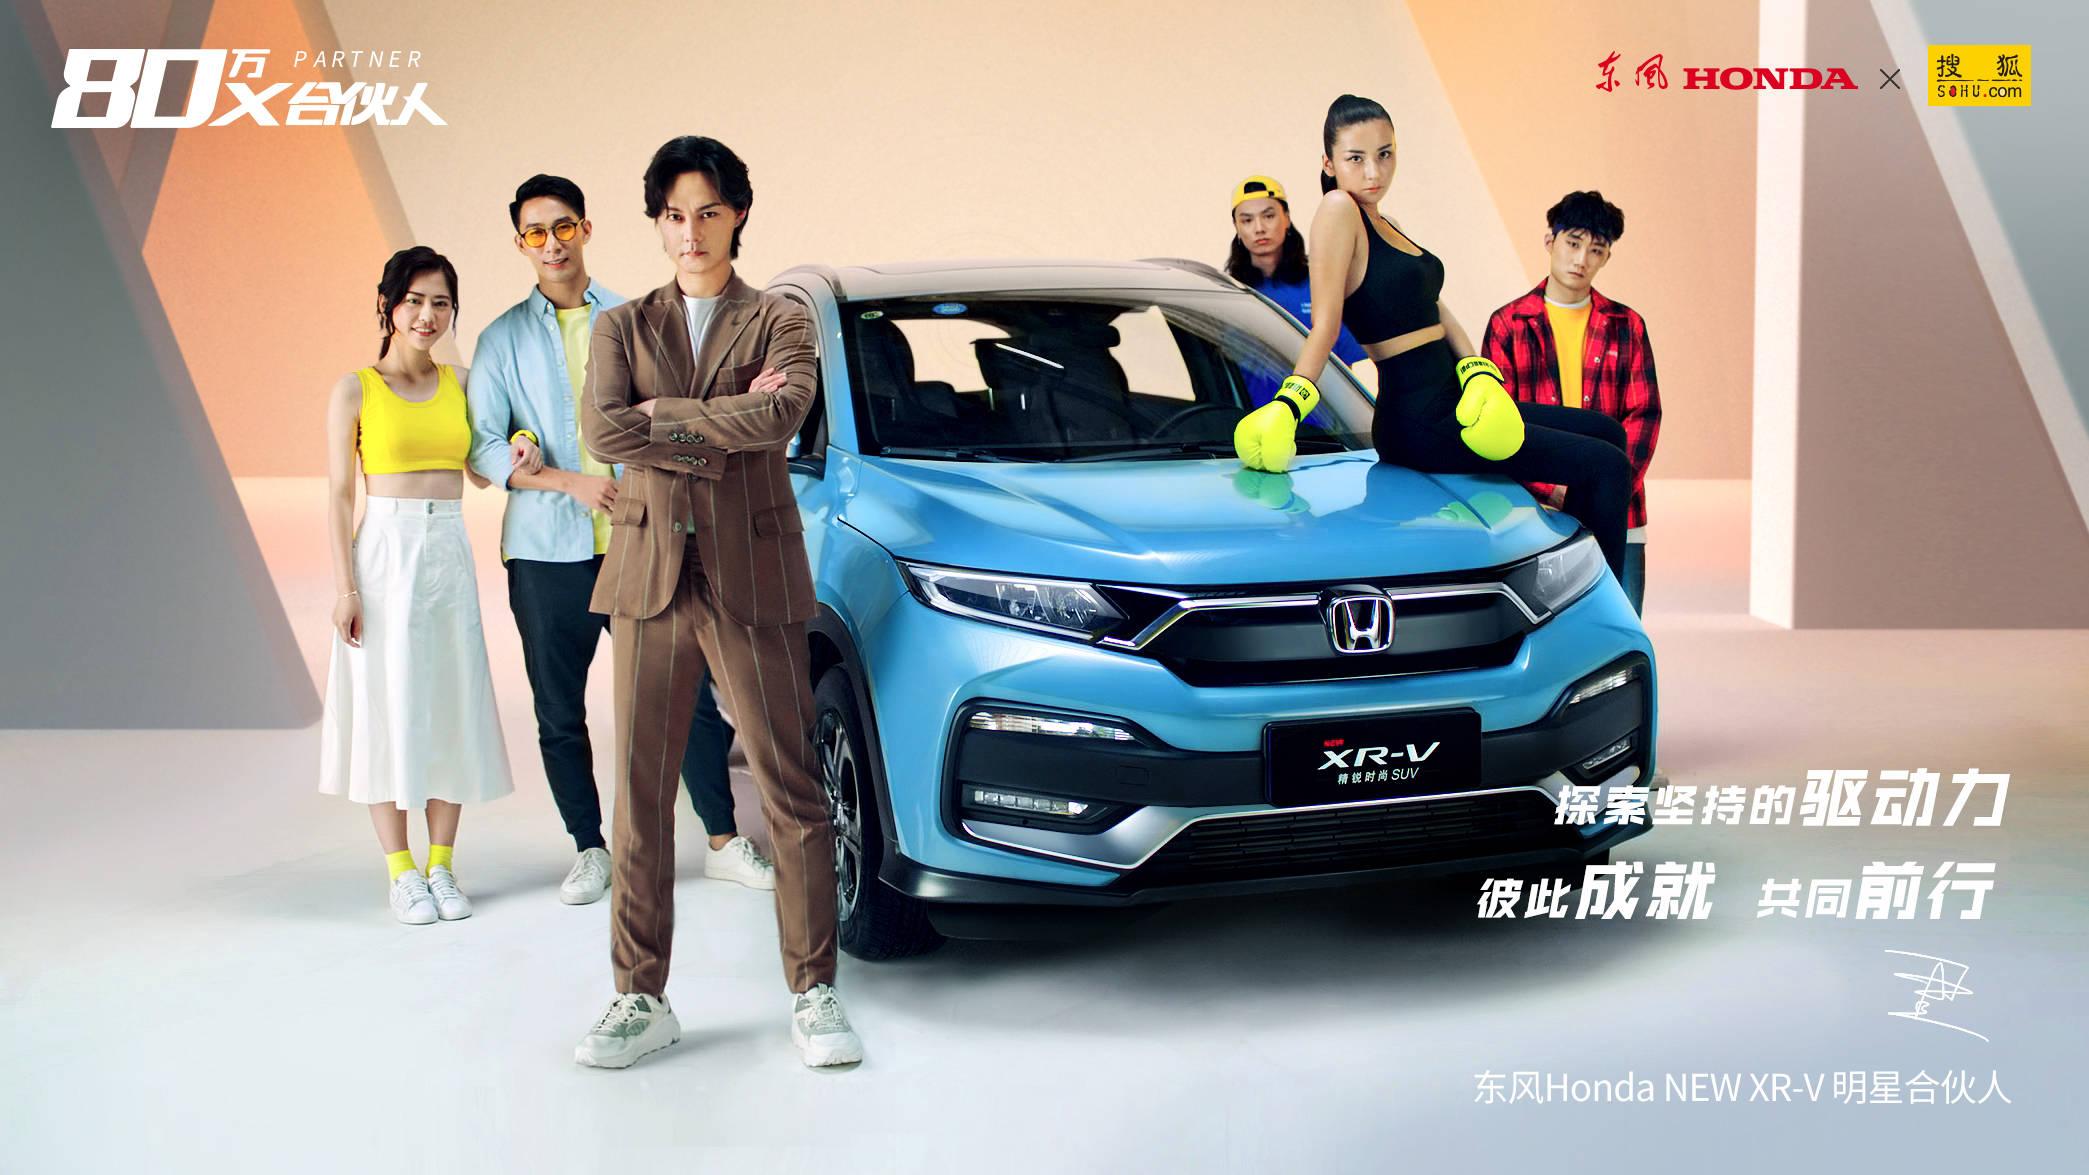 原安德鲁:东风本田全新XR-V明星合作伙伴,探索未来,突破自我!